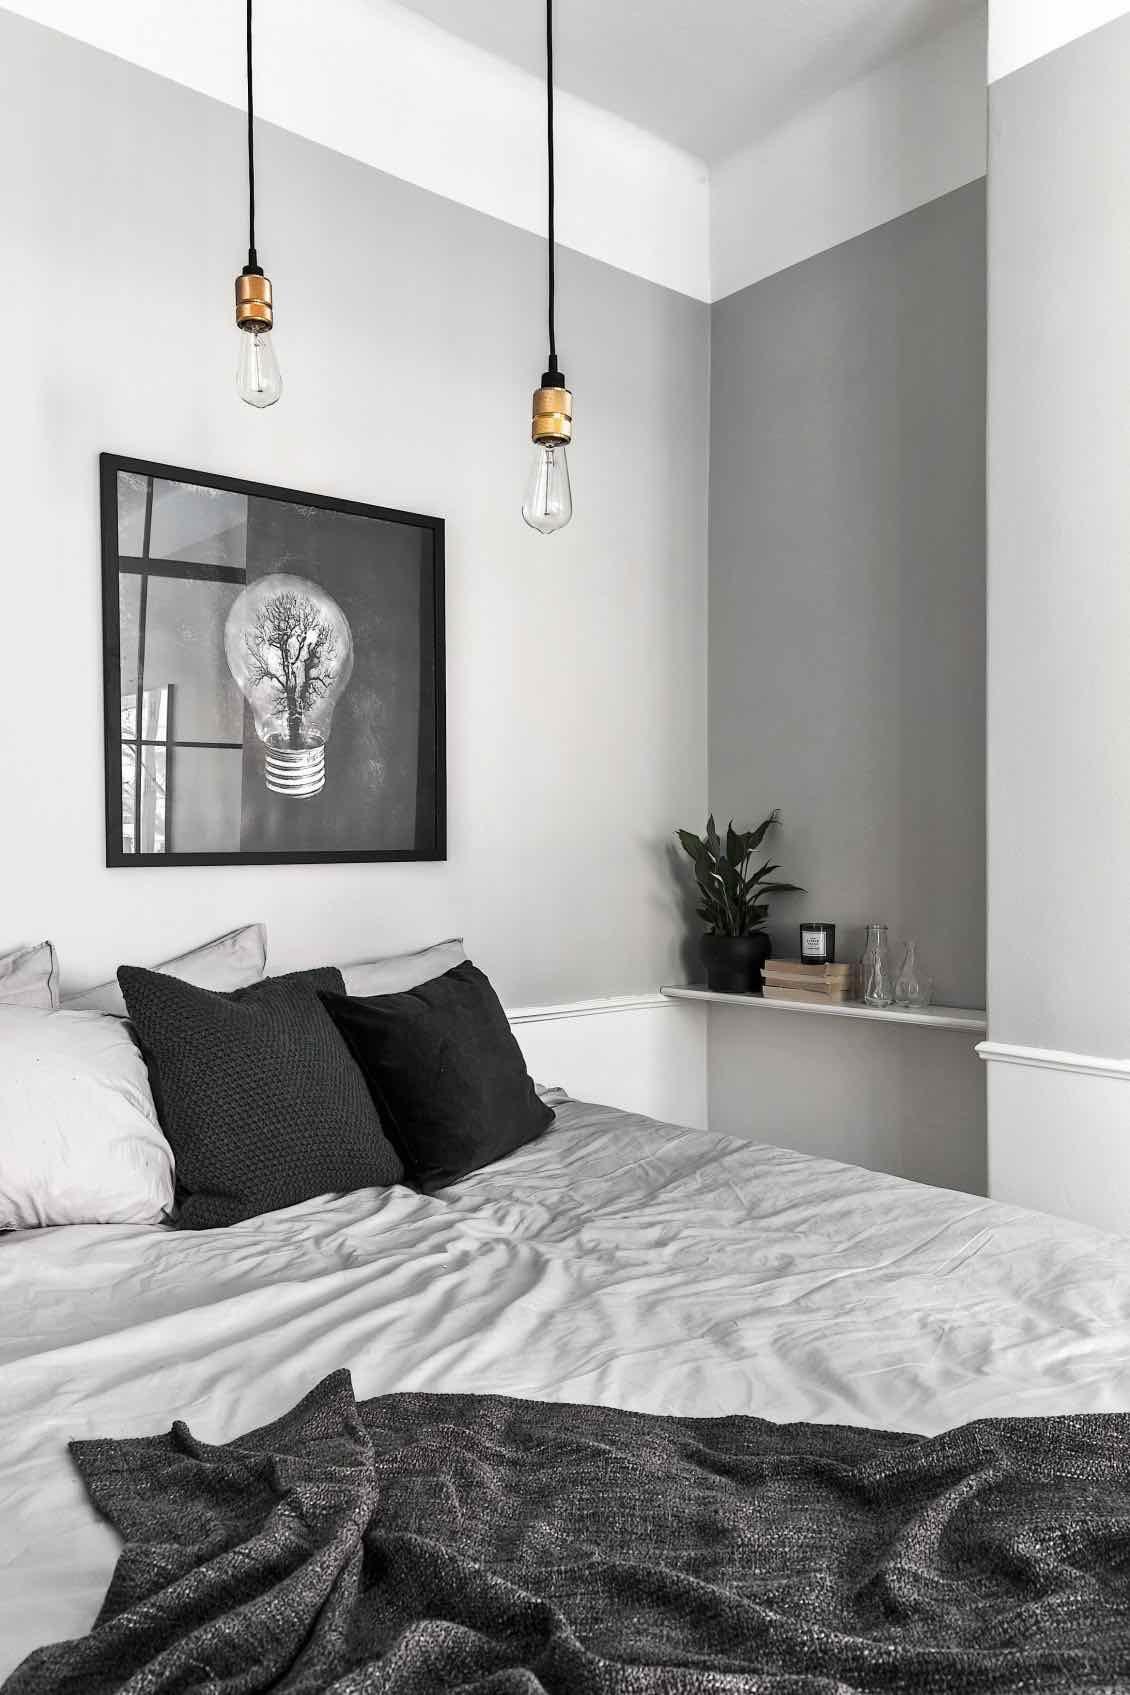 Full Size of Lampe Schlafzimmer Lampen Einrichtungsideen Design Set Mit Matratze Und Lattenrost Esstisch Deckenleuchte Stehlampe Wohnzimmer Truhe Kronleuchter Wandleuchte Schlafzimmer Lampe Schlafzimmer